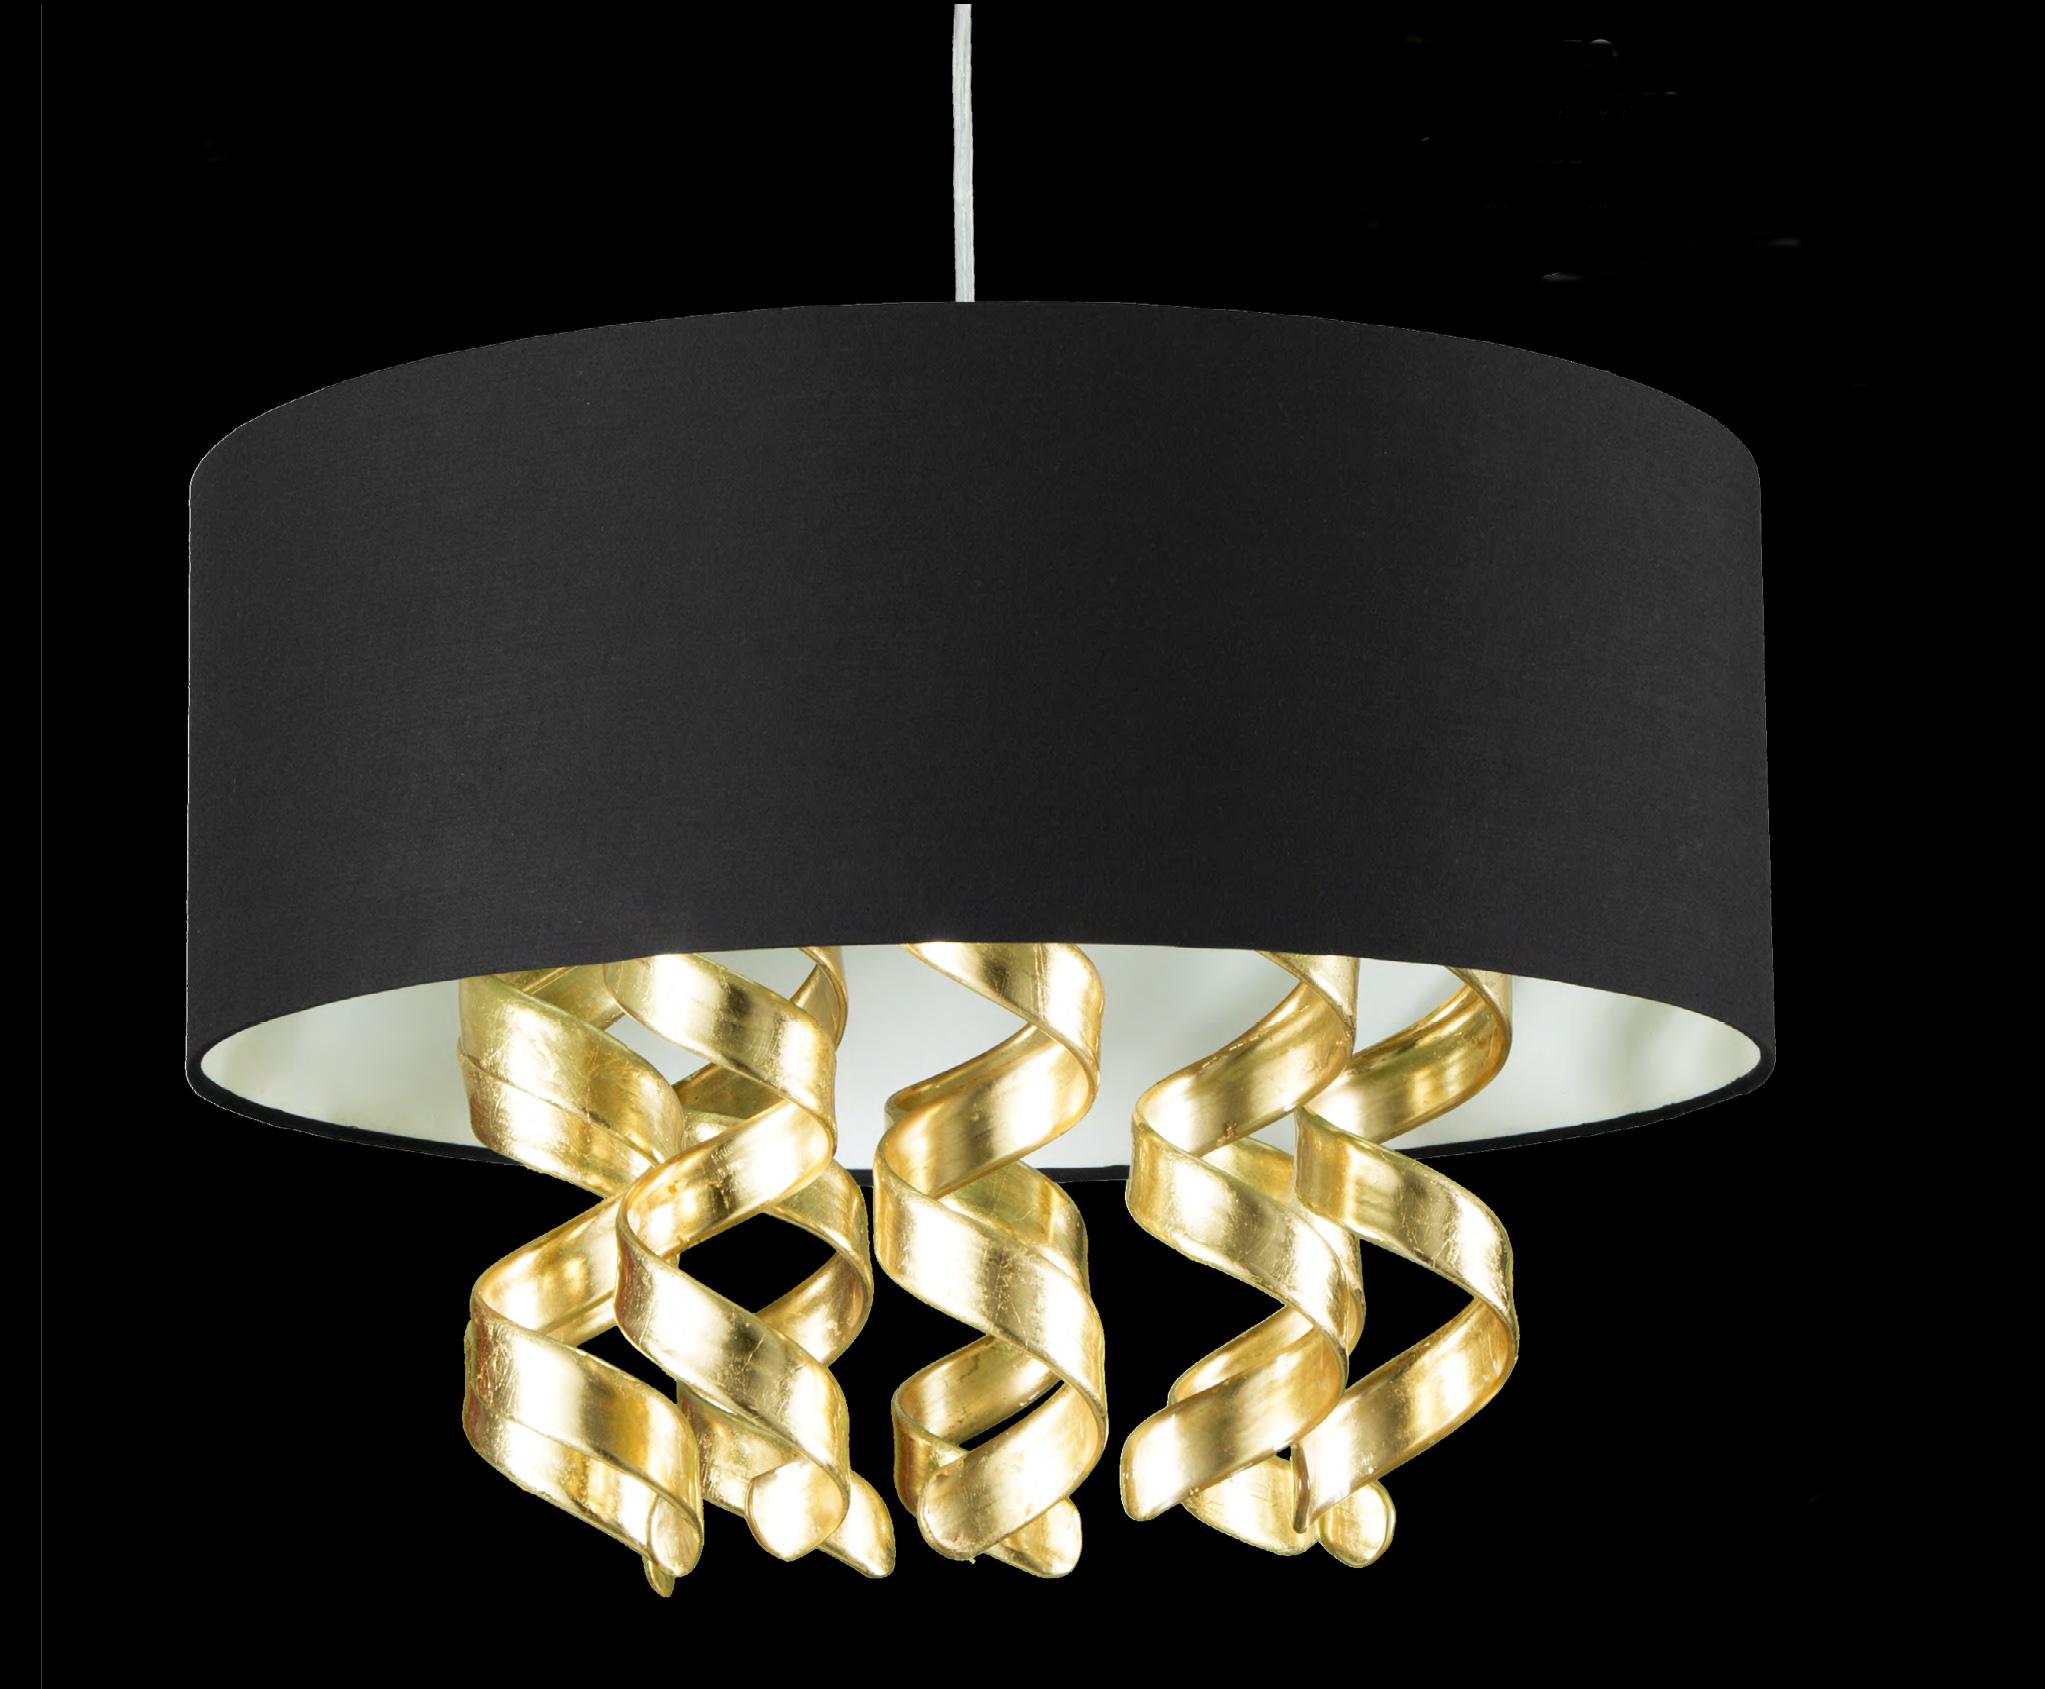 Padana lampadari lampada a sospensione sharon 1052 fo for Lampadari moderni economici prezzi